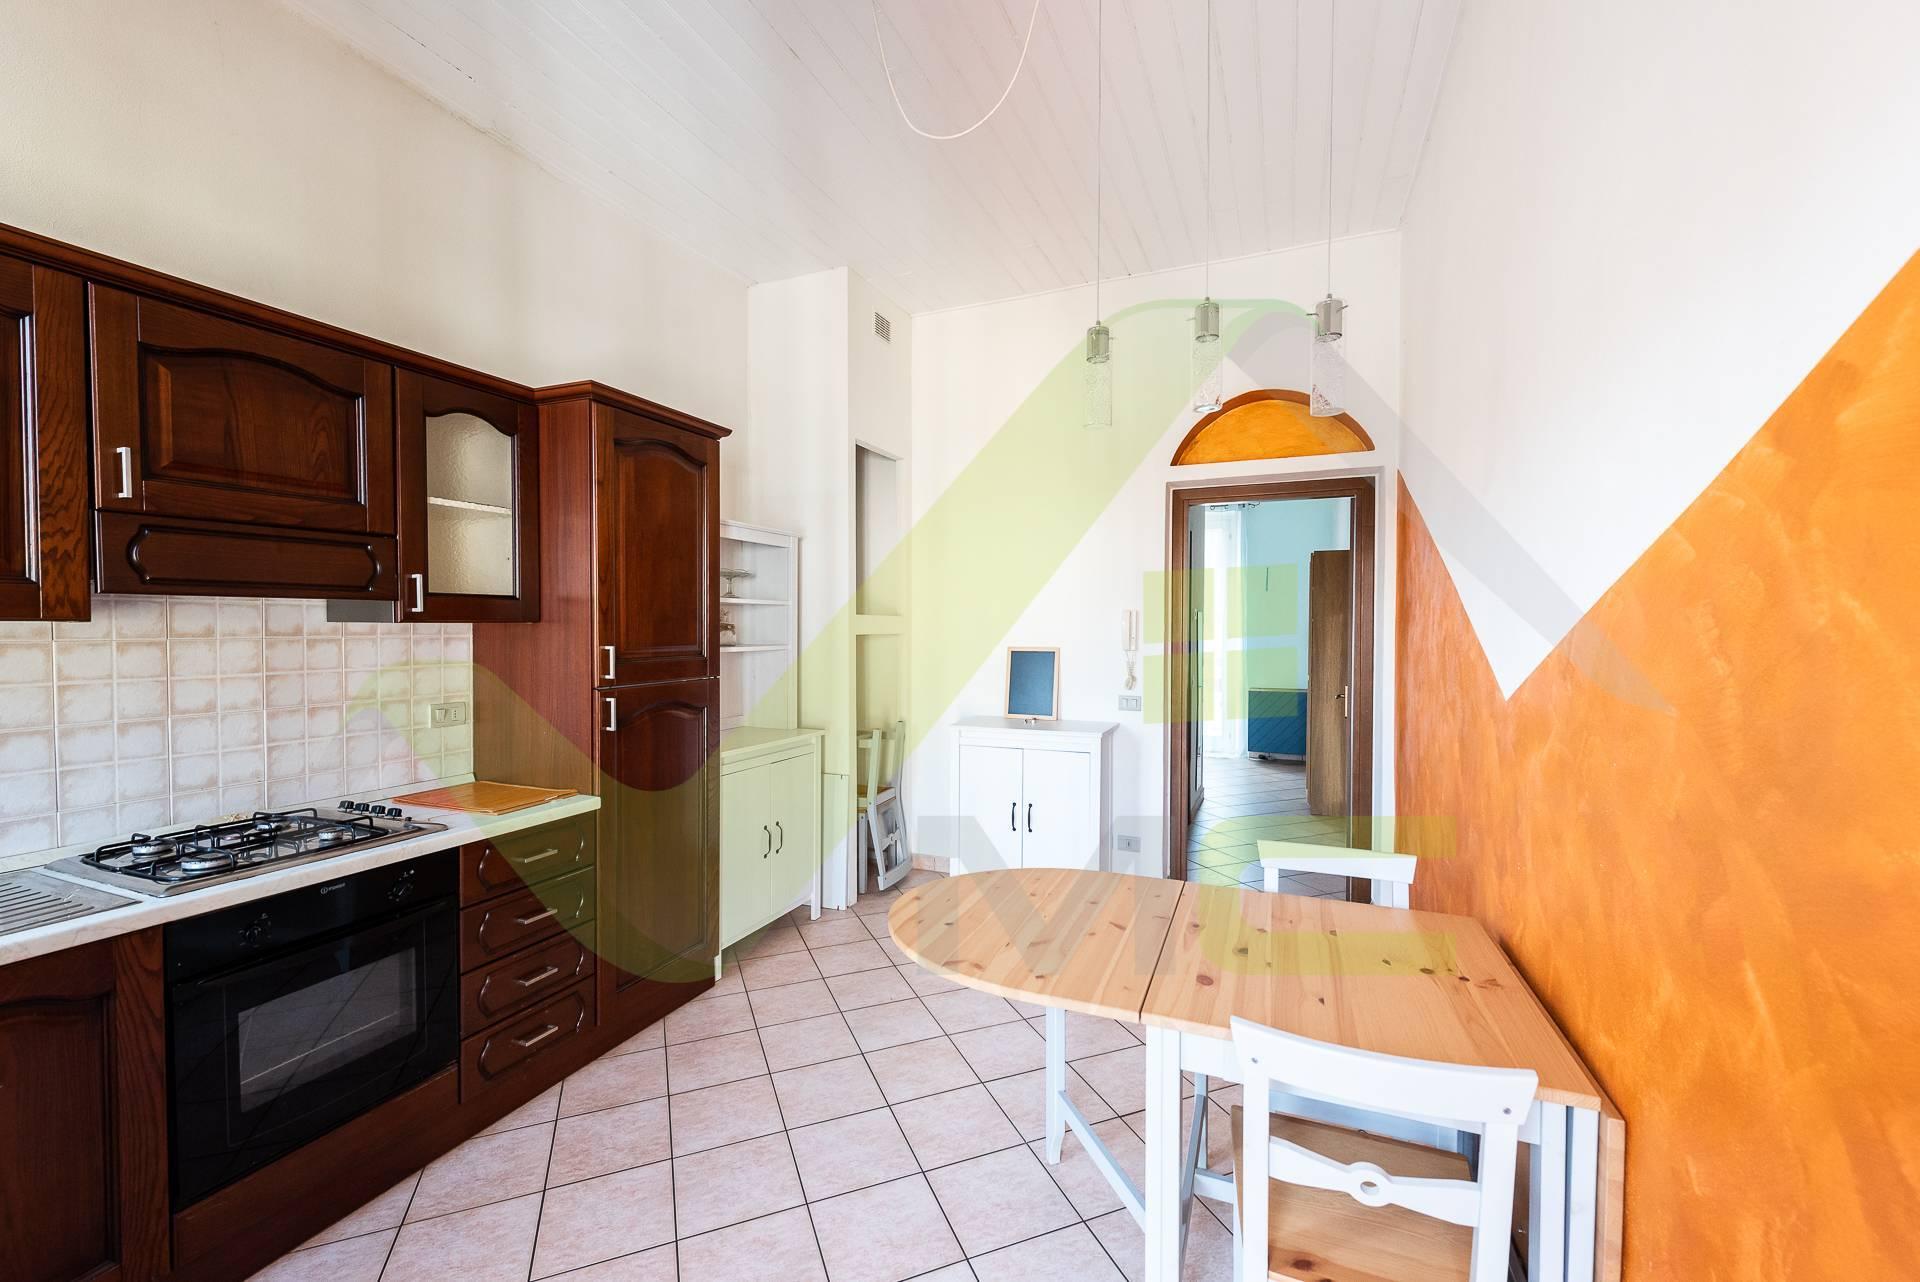 Appartamento in vendita a Melzo, 2 locali, prezzo € 99.000 | PortaleAgenzieImmobiliari.it